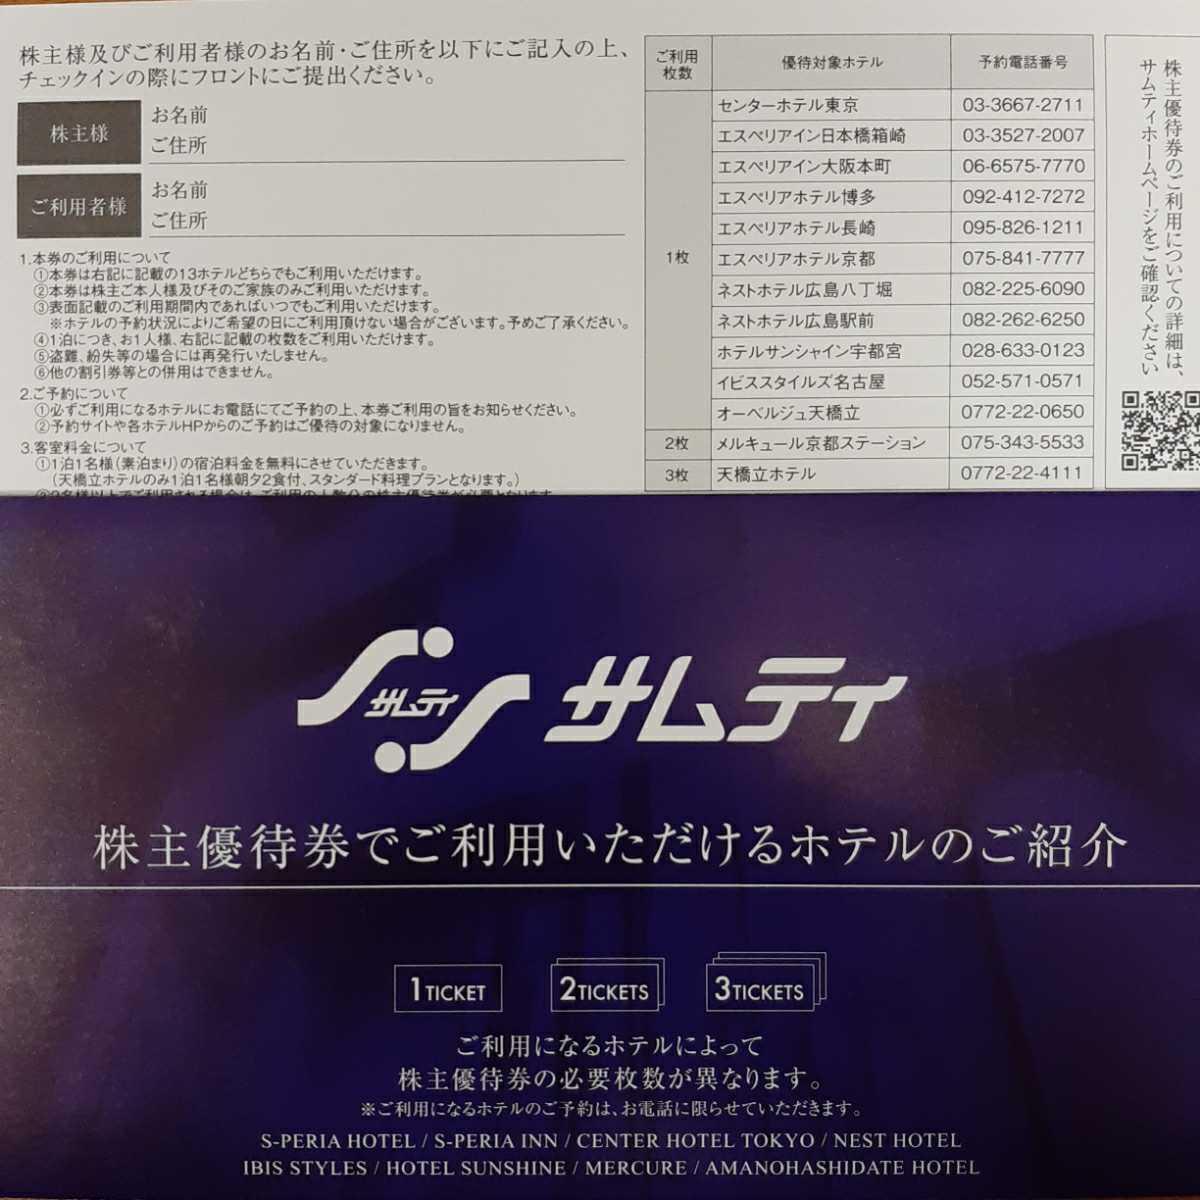 【匿名配送】サムティ/株主優待/無料宿泊券1枚_画像2